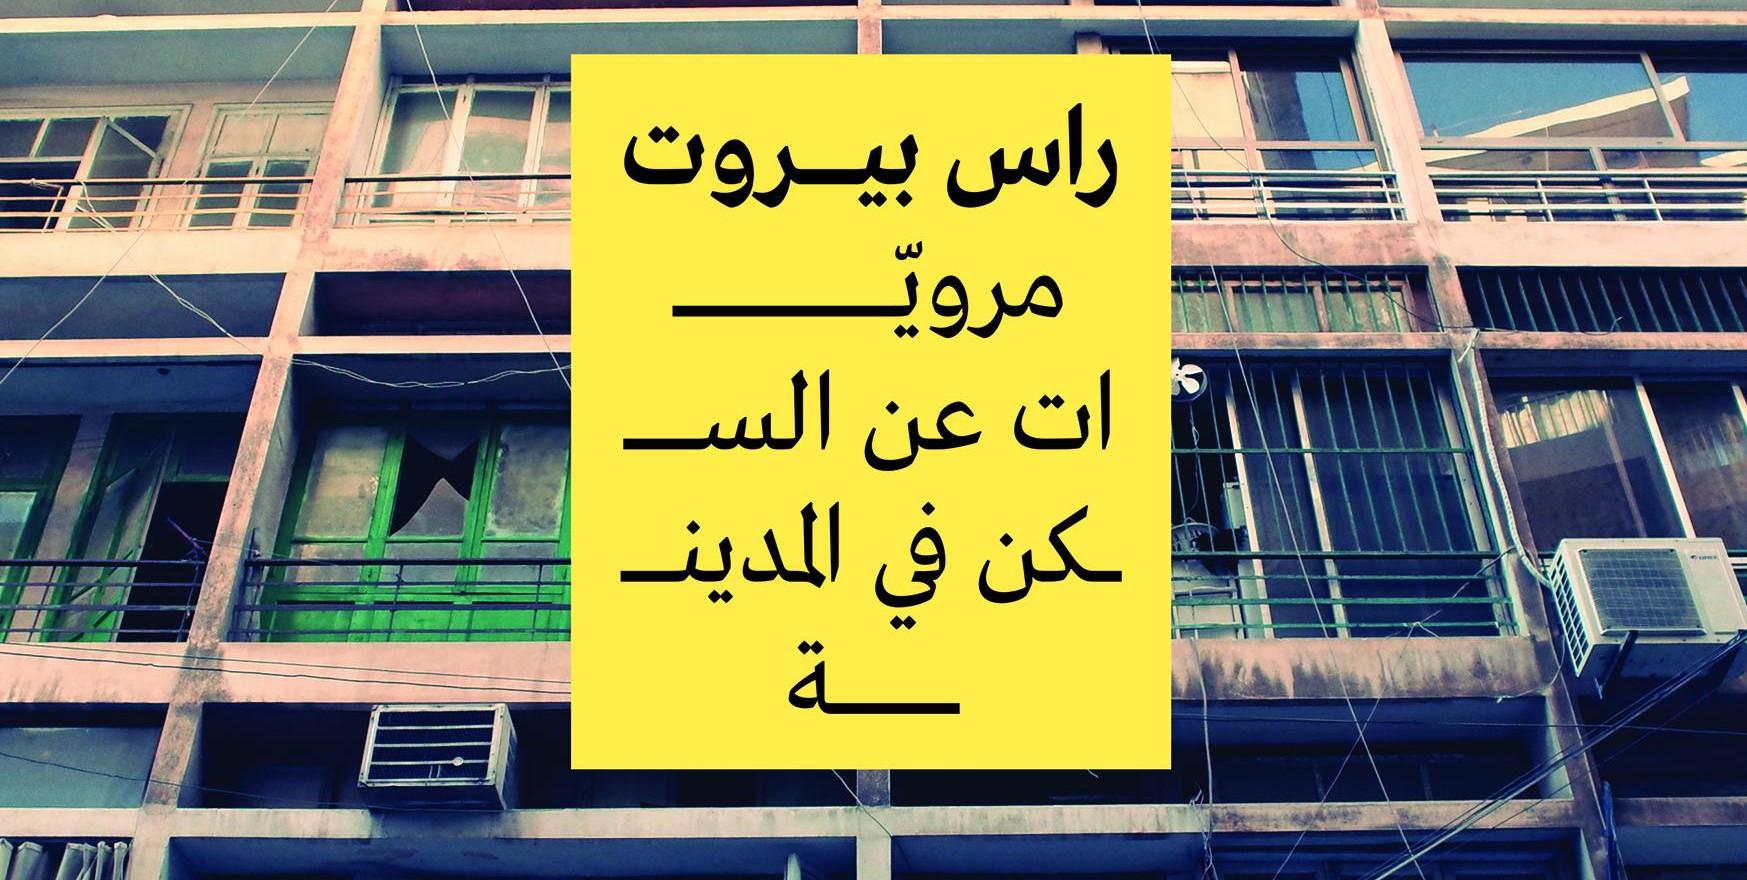 Housing Narratives from Ras Beirut